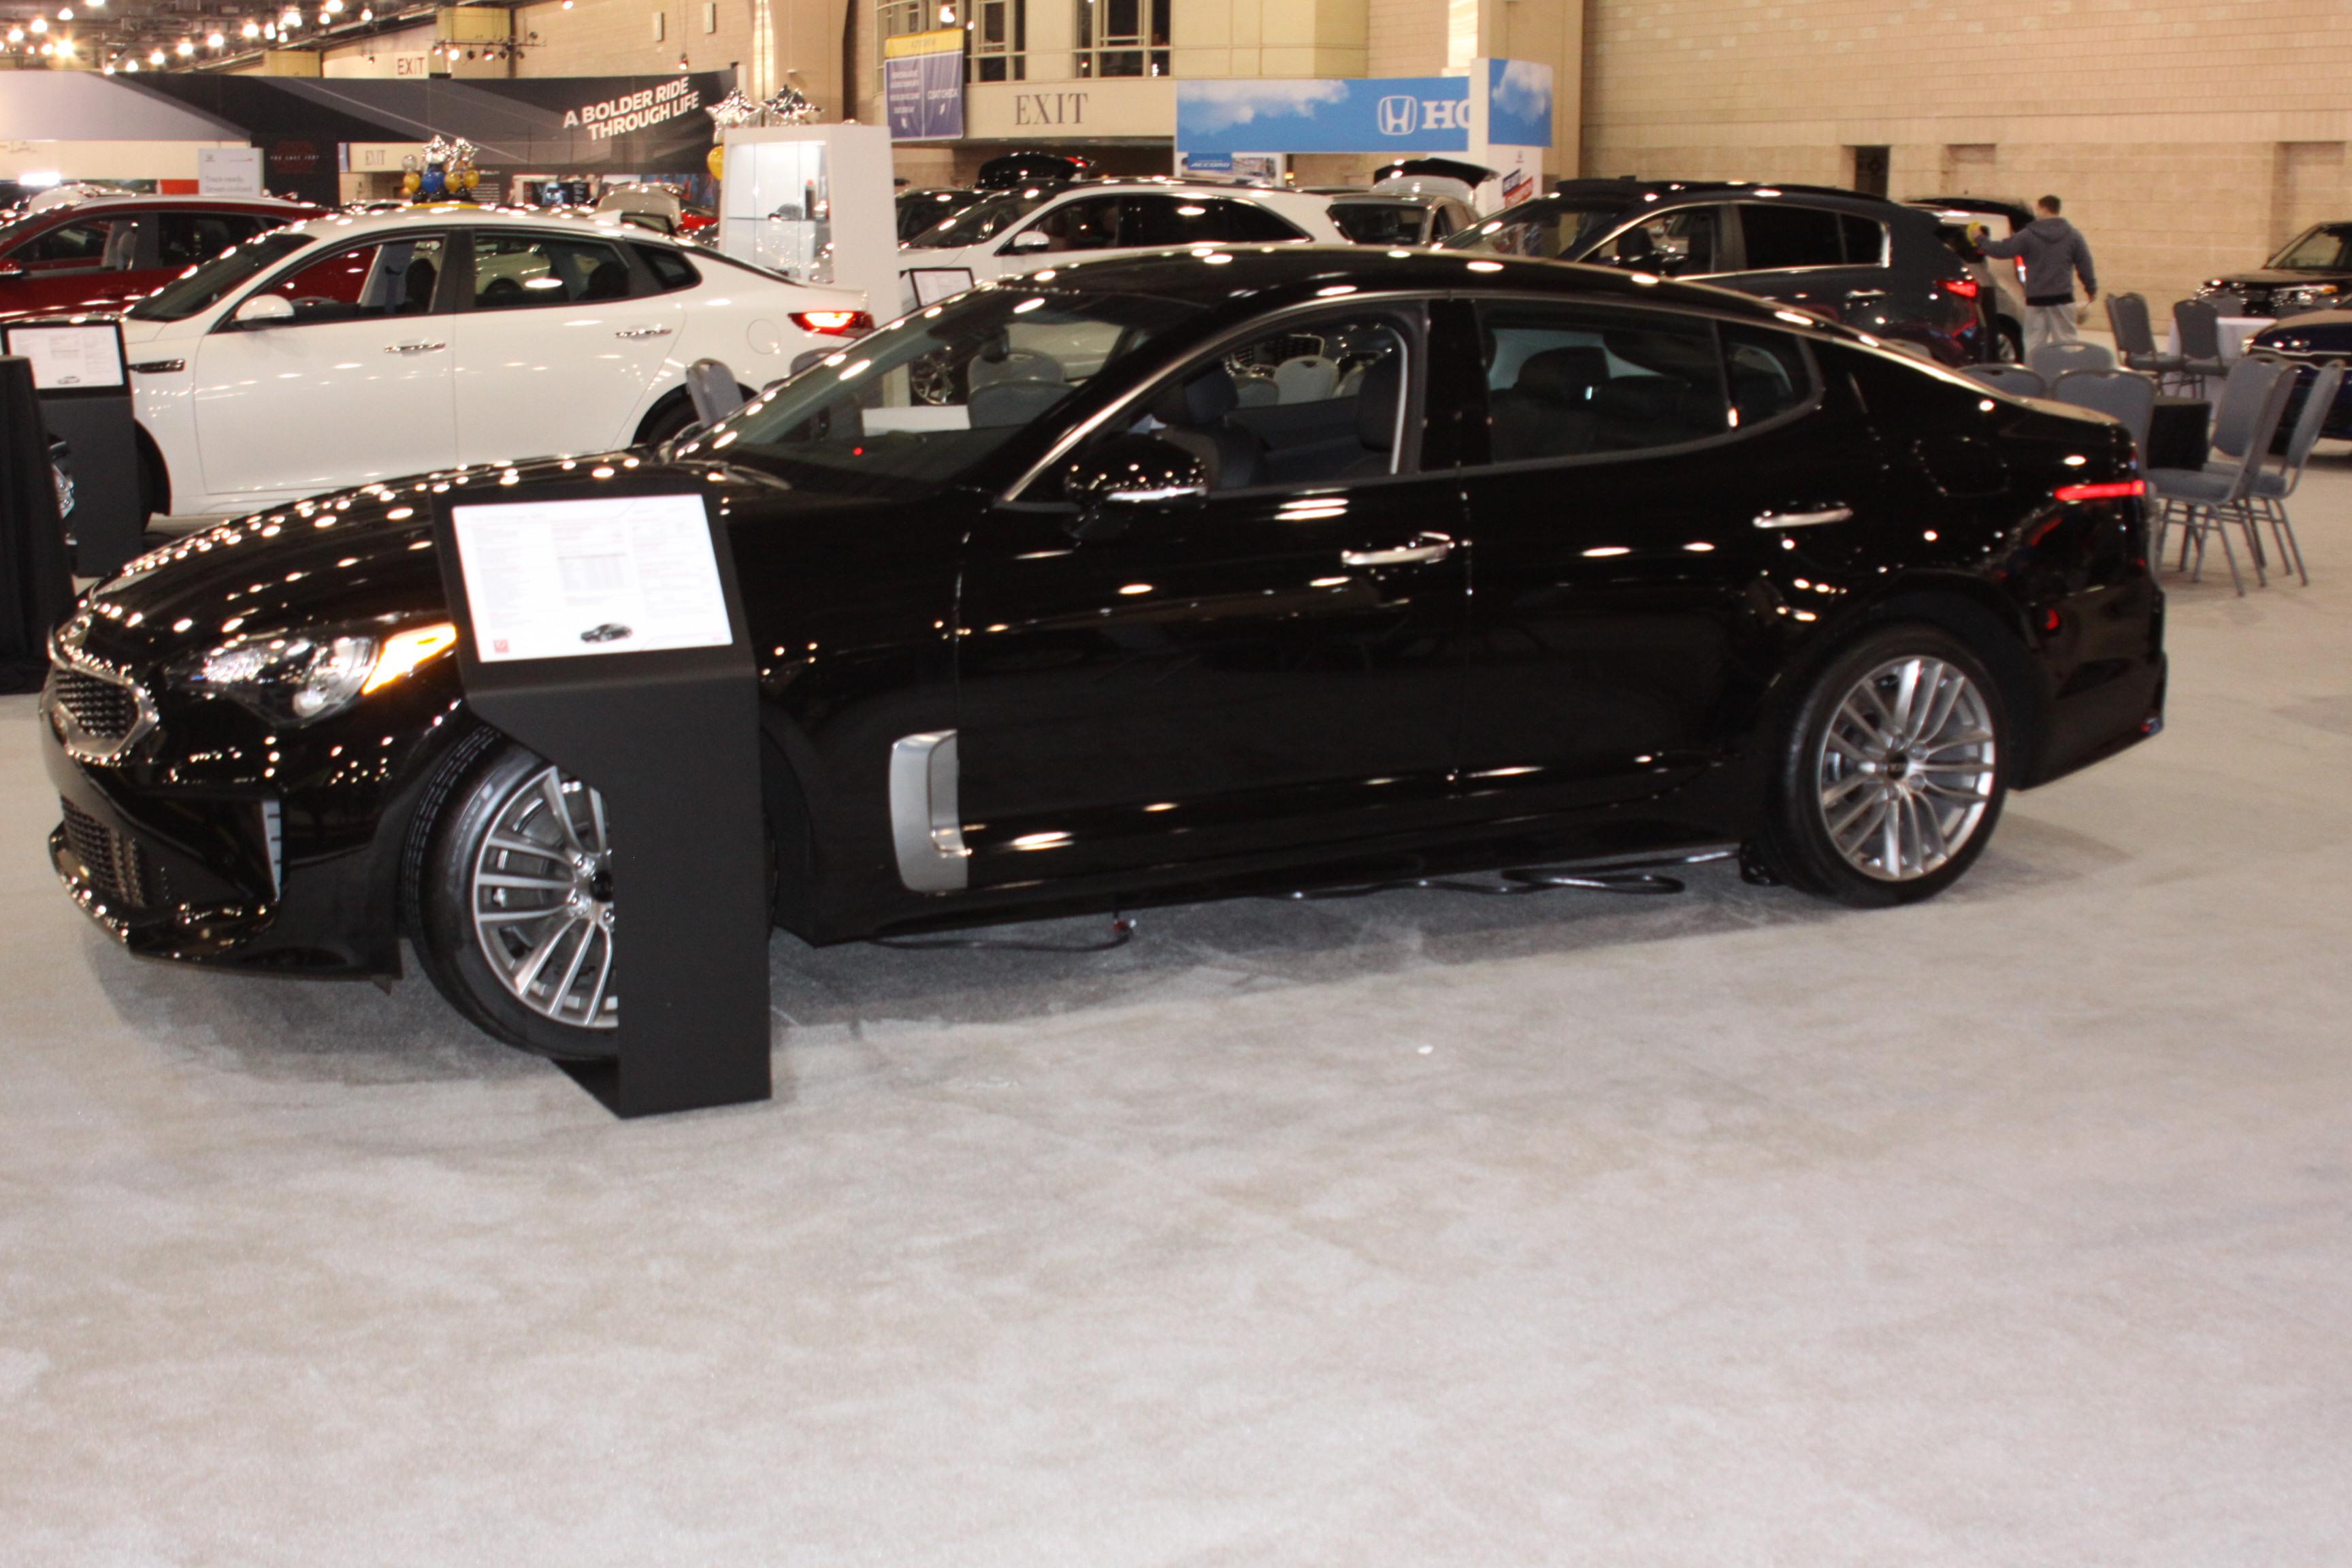 GALLERY Philadelphia Auto Show WPGH - Philadelphia convention center car show